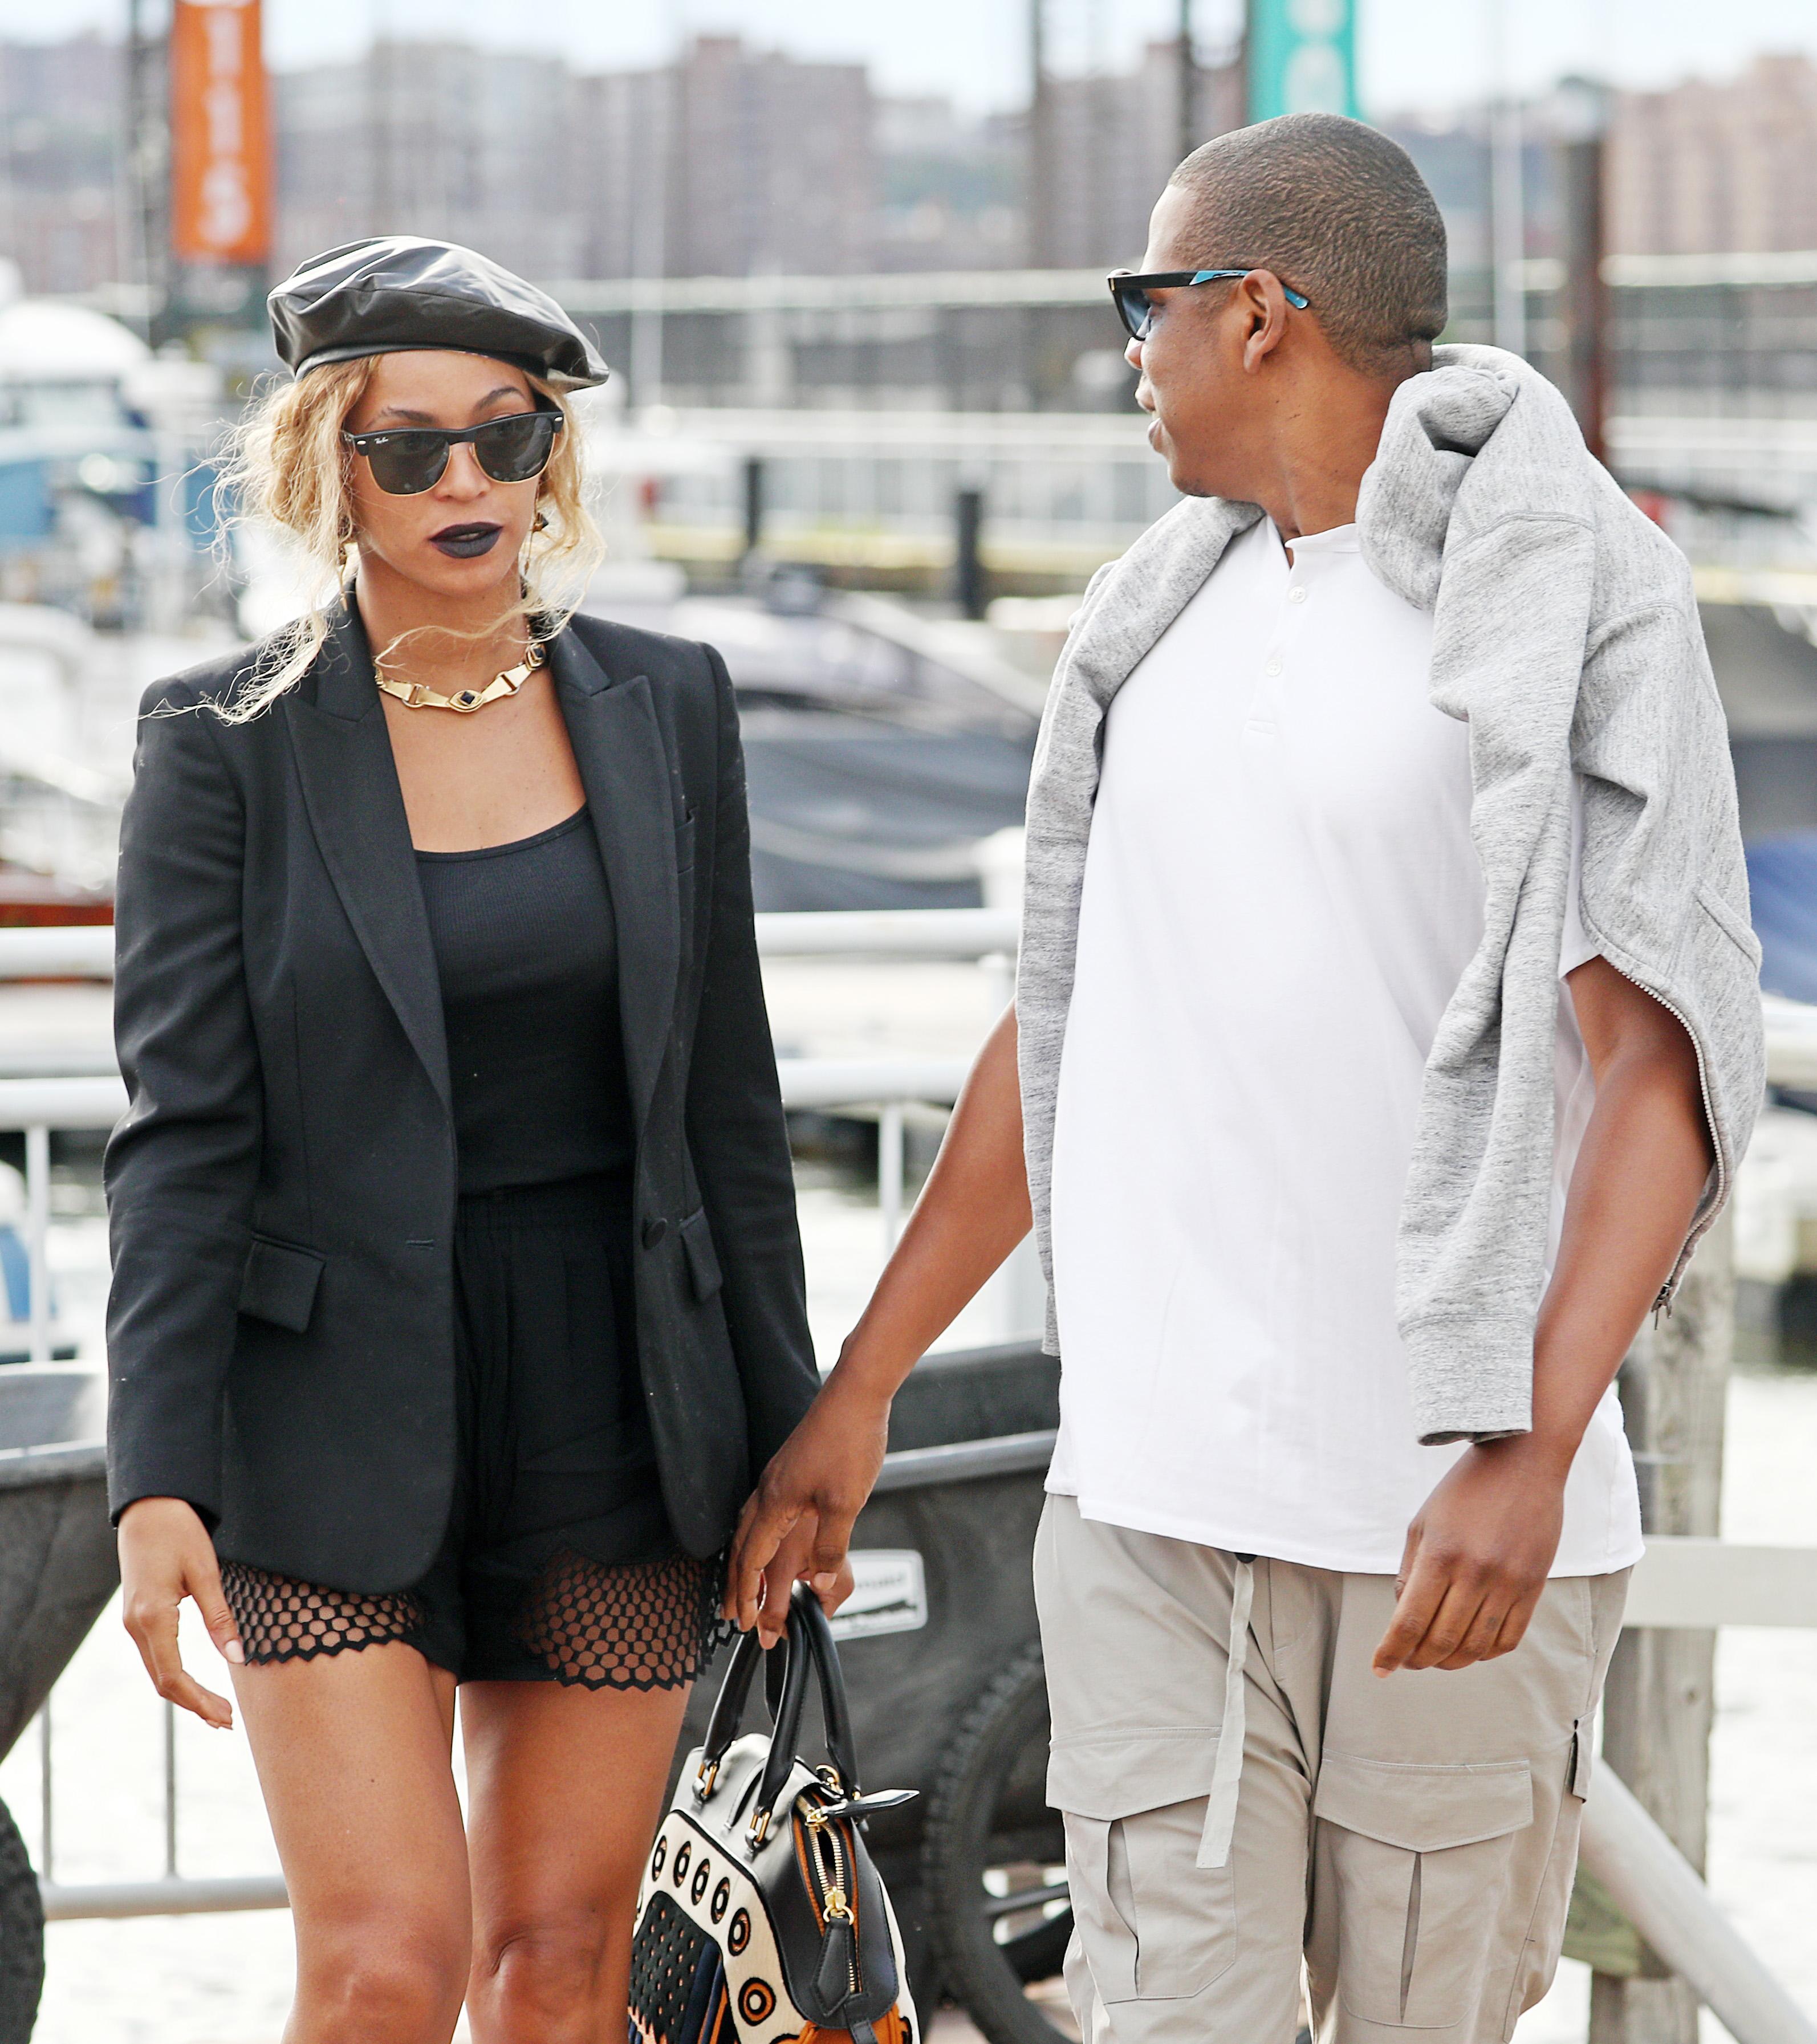 Amar A Muerte Capitulo 18: Beyoncé Y Jay Z Lucen Distanciados Durante Un Paseo En